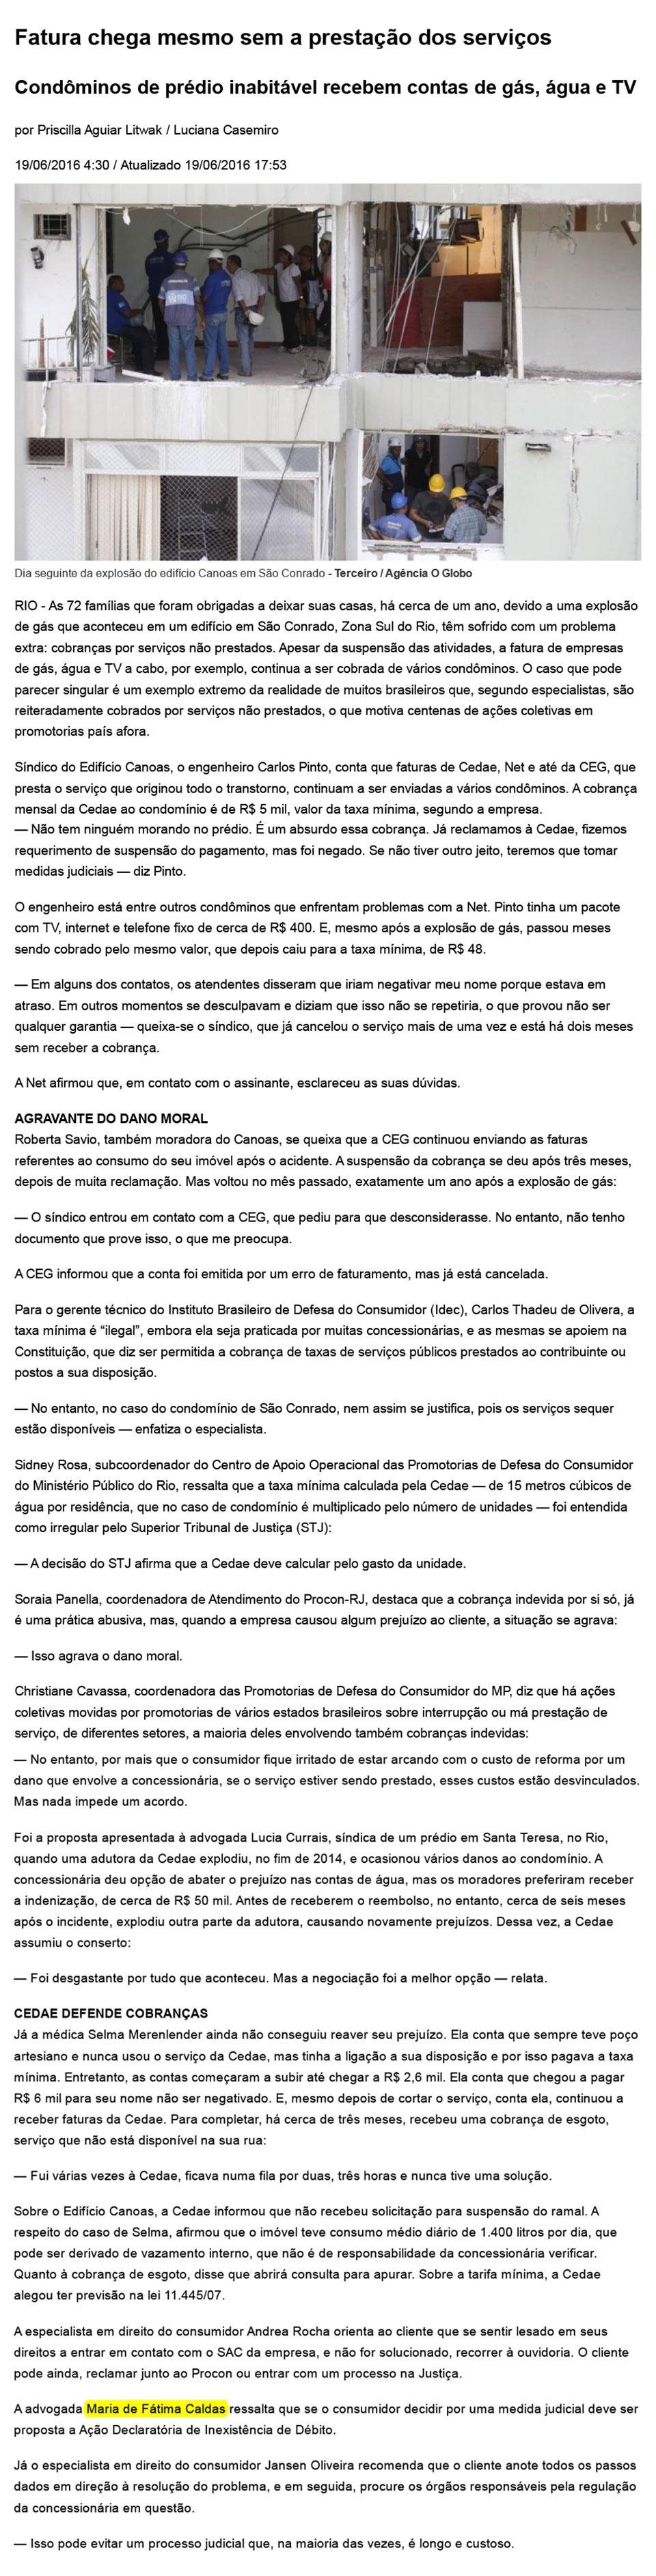 Fatura-chega-mesmo-sem-a-prestação-dos-serviços---Jornal-O-Globo-1